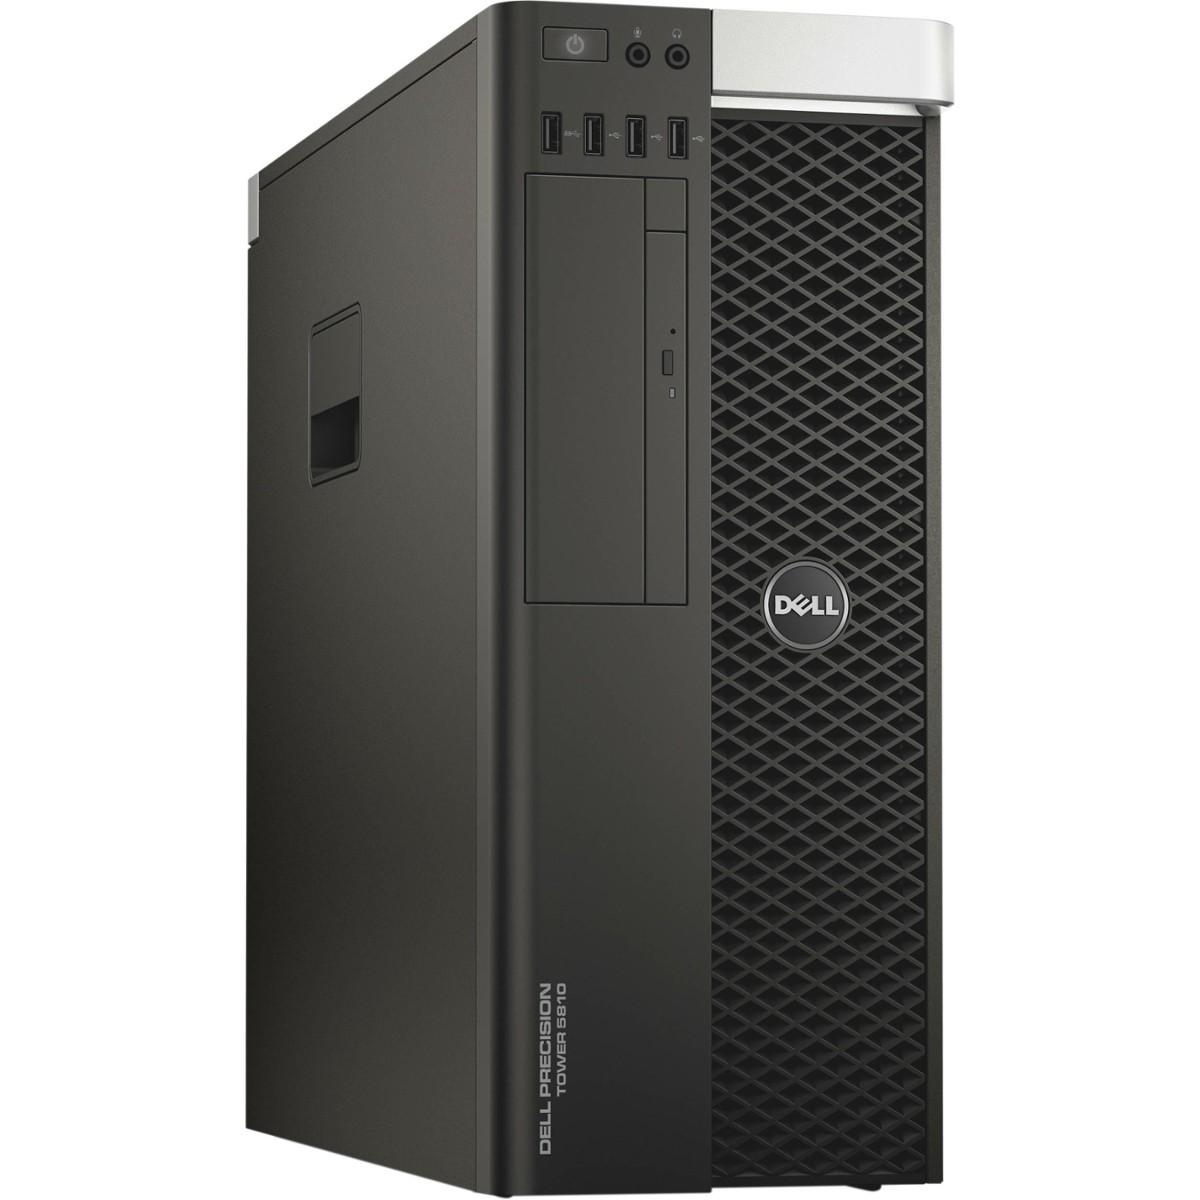 Dell Precision 5810 TW Windows 10 Pro